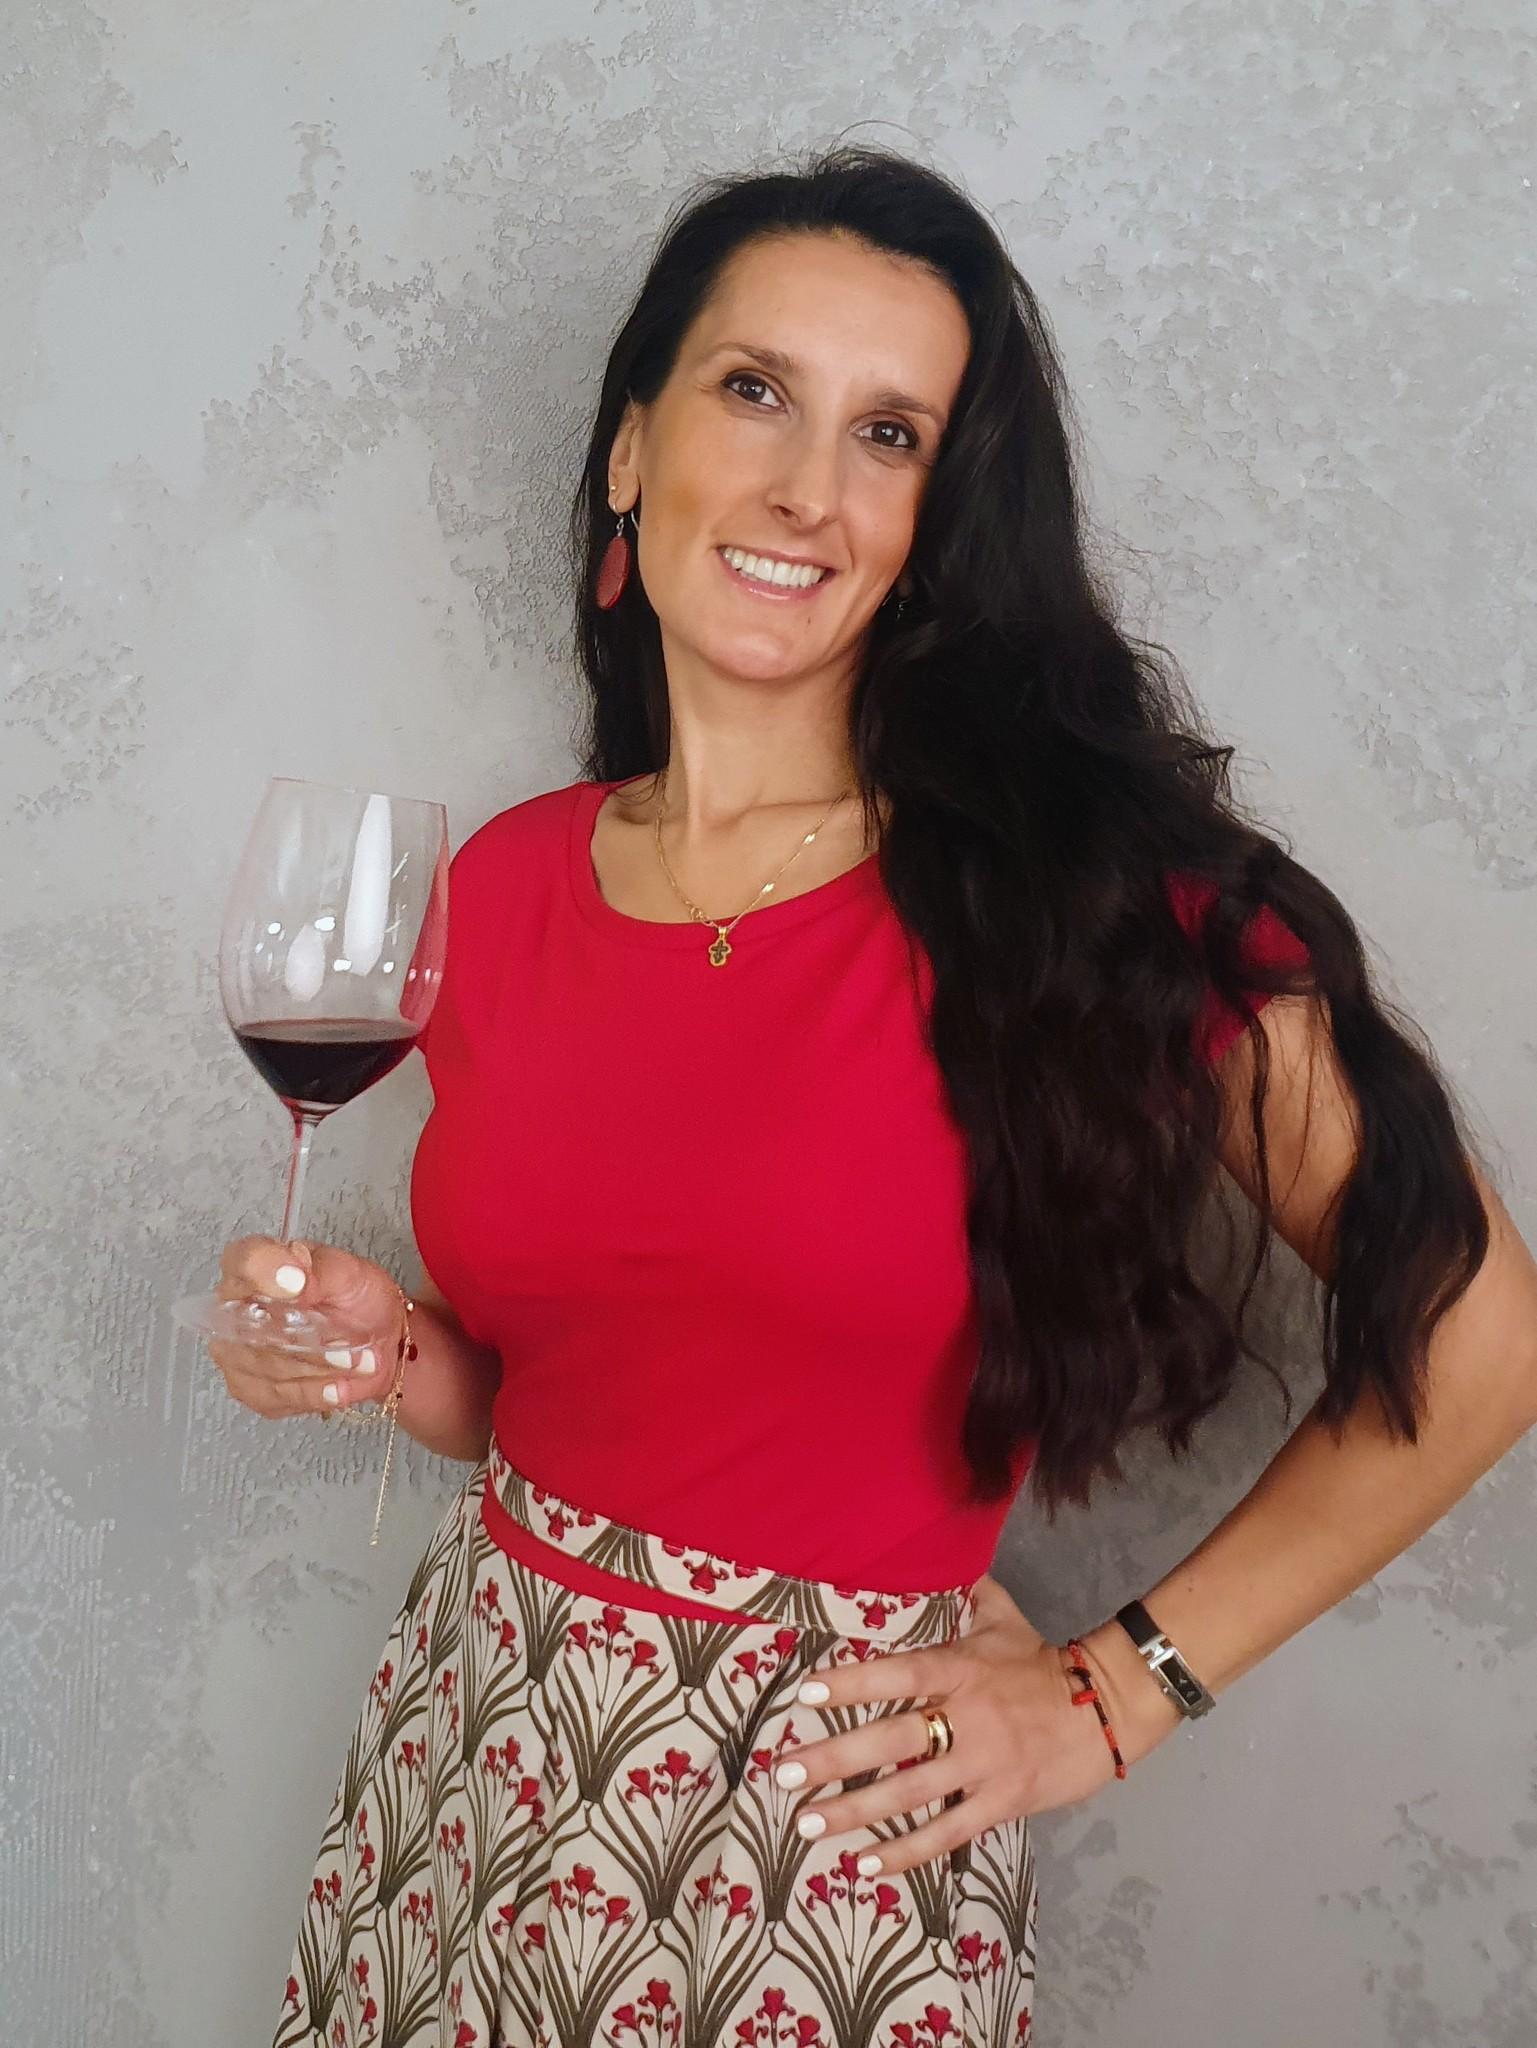 Вертикальная дегустация красных испанских вин фото